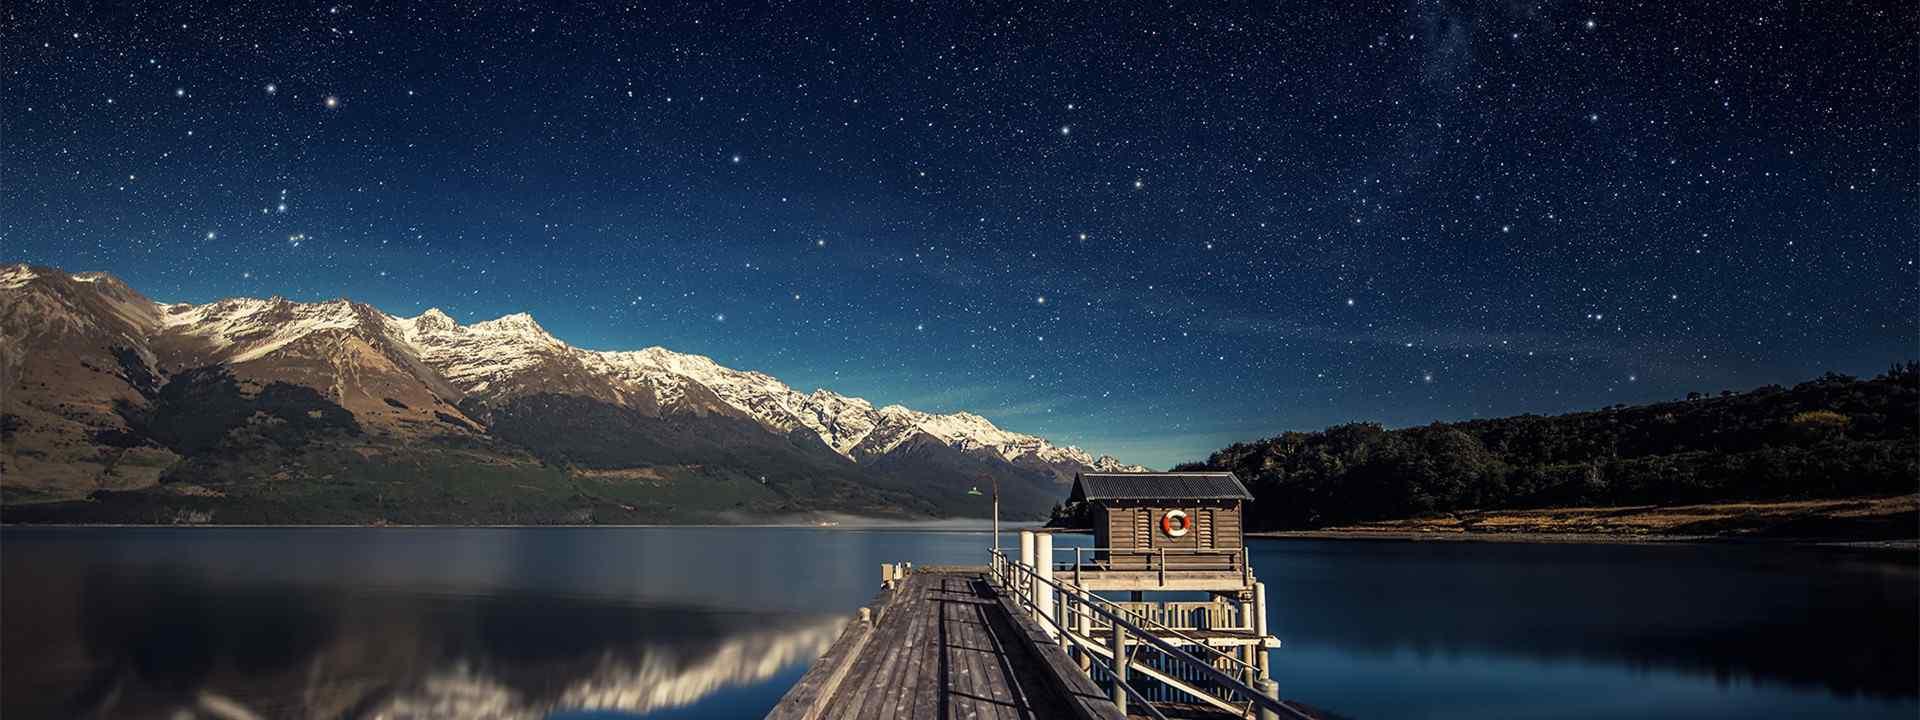 纽西兰_新西兰皇后镇_新西兰南岛_新西兰风景壁纸